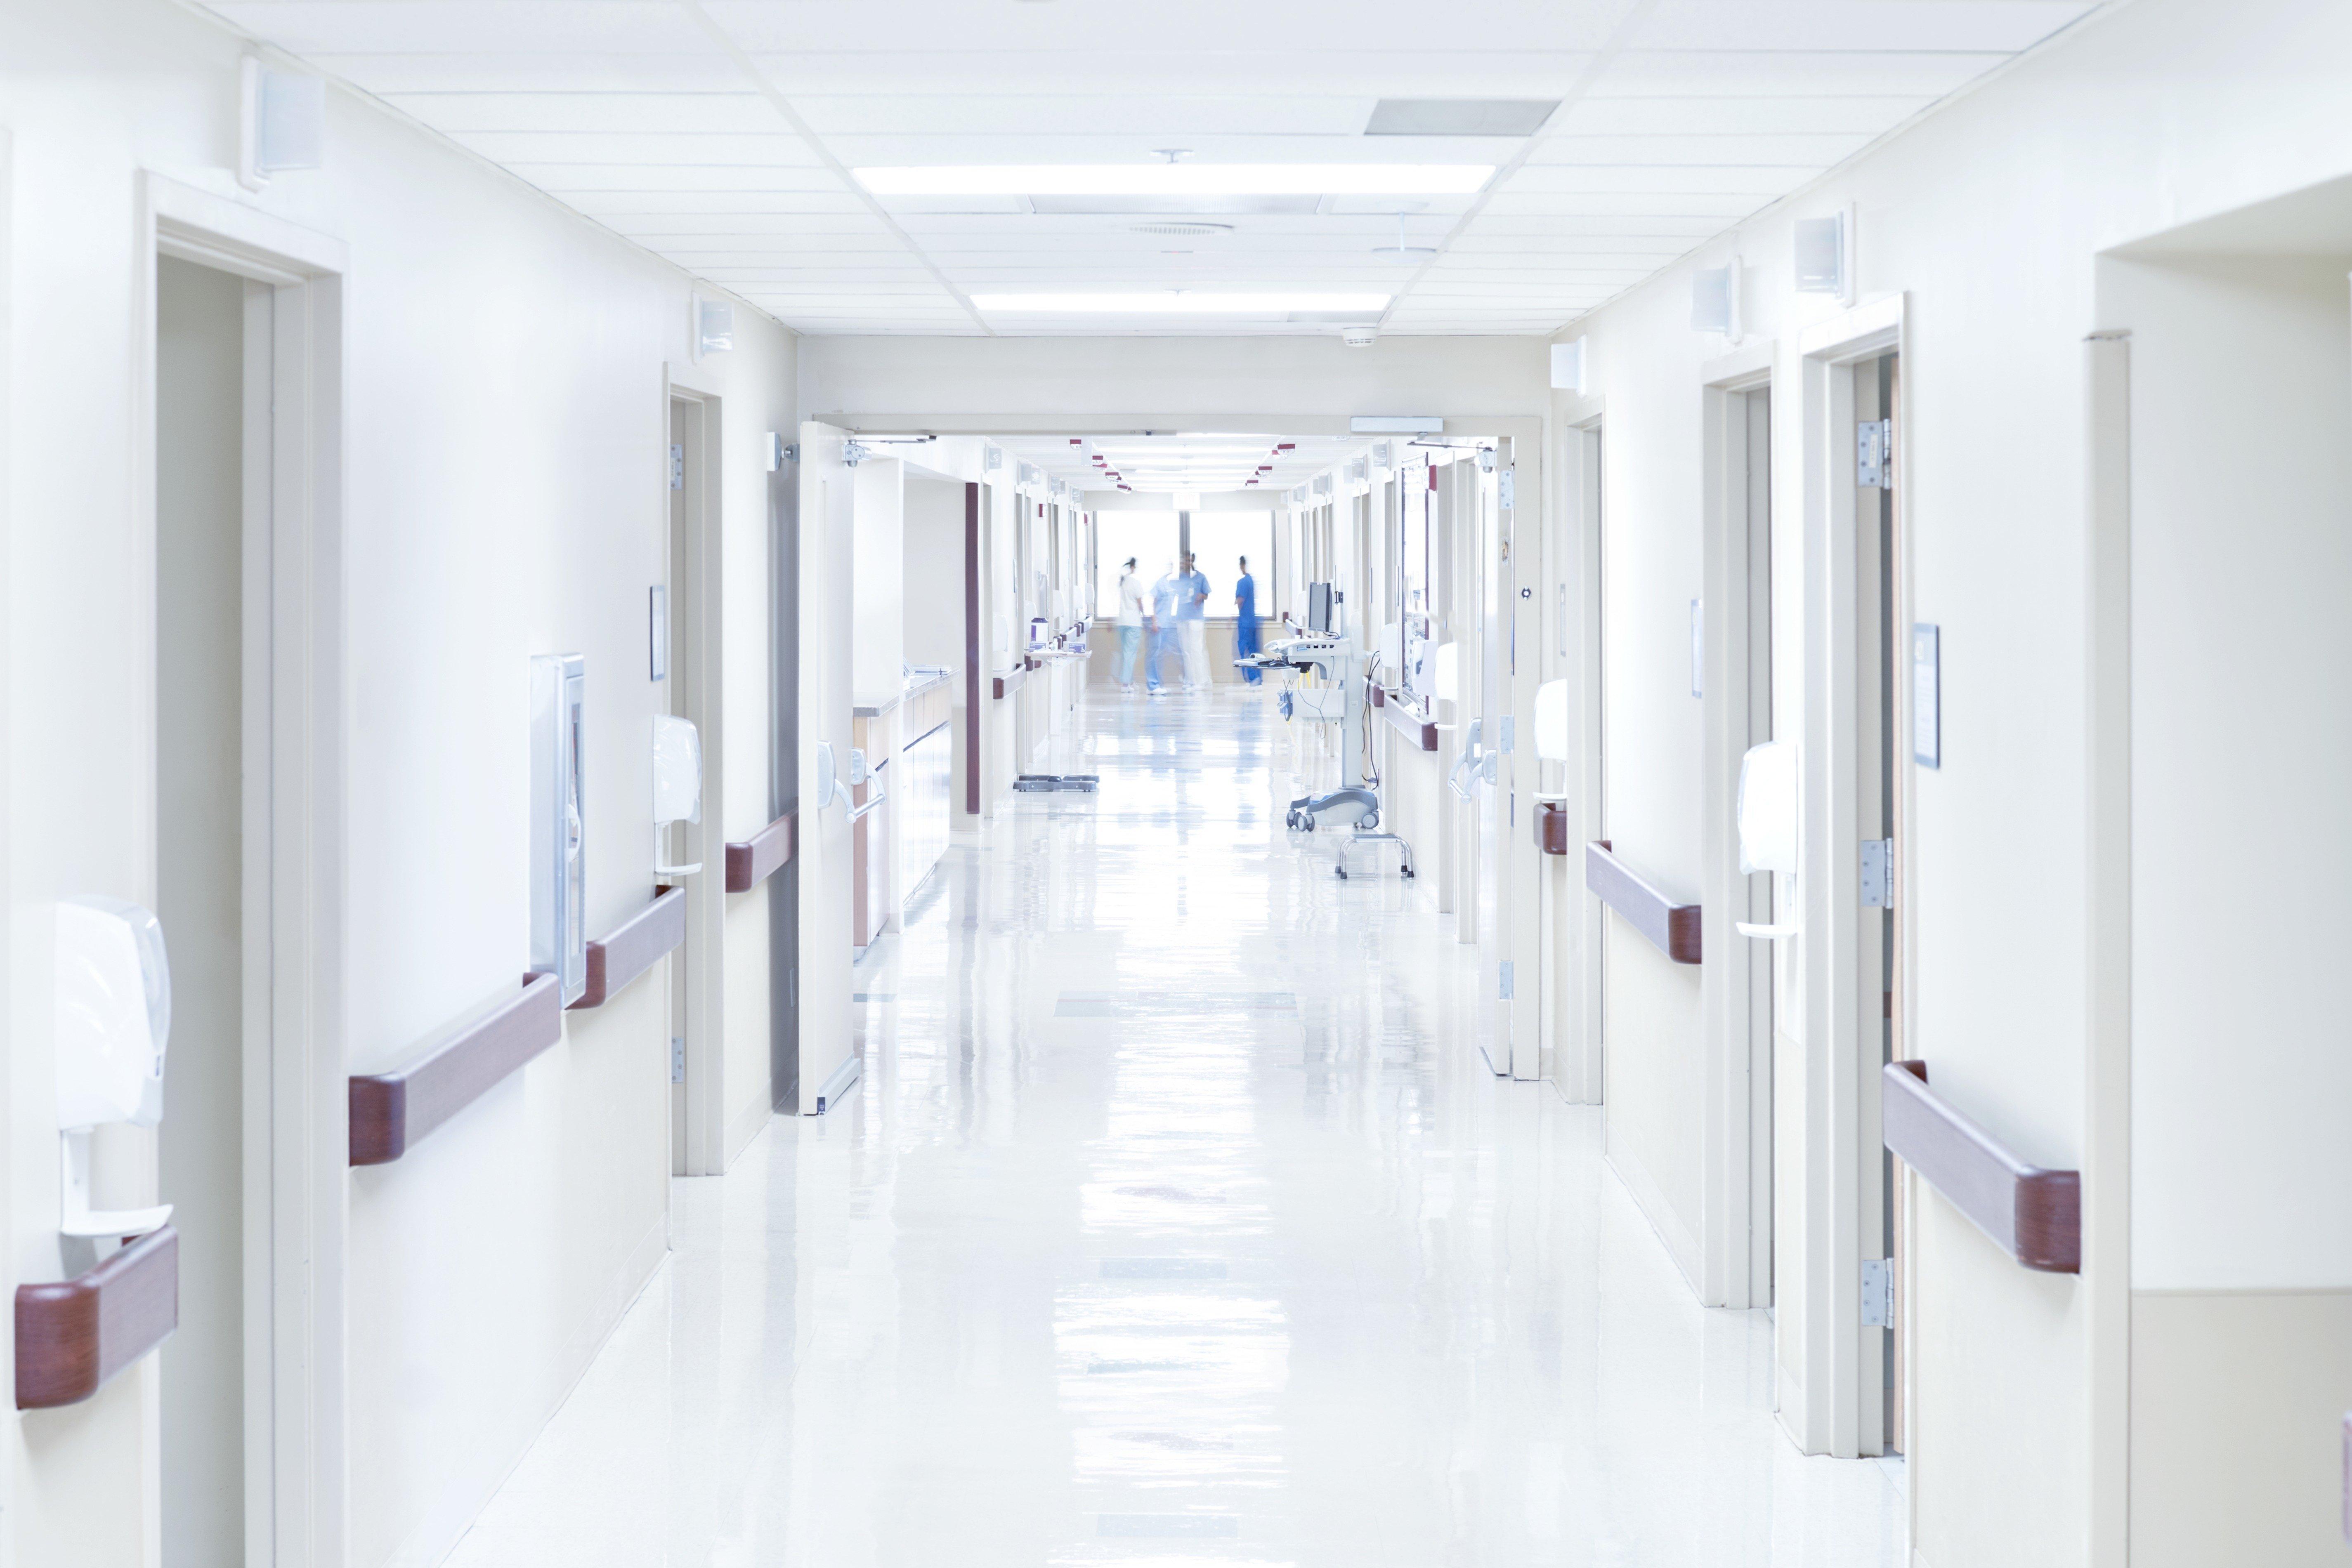 HIV 감염인 건강검진 거부한 병원에 대한 인권위의